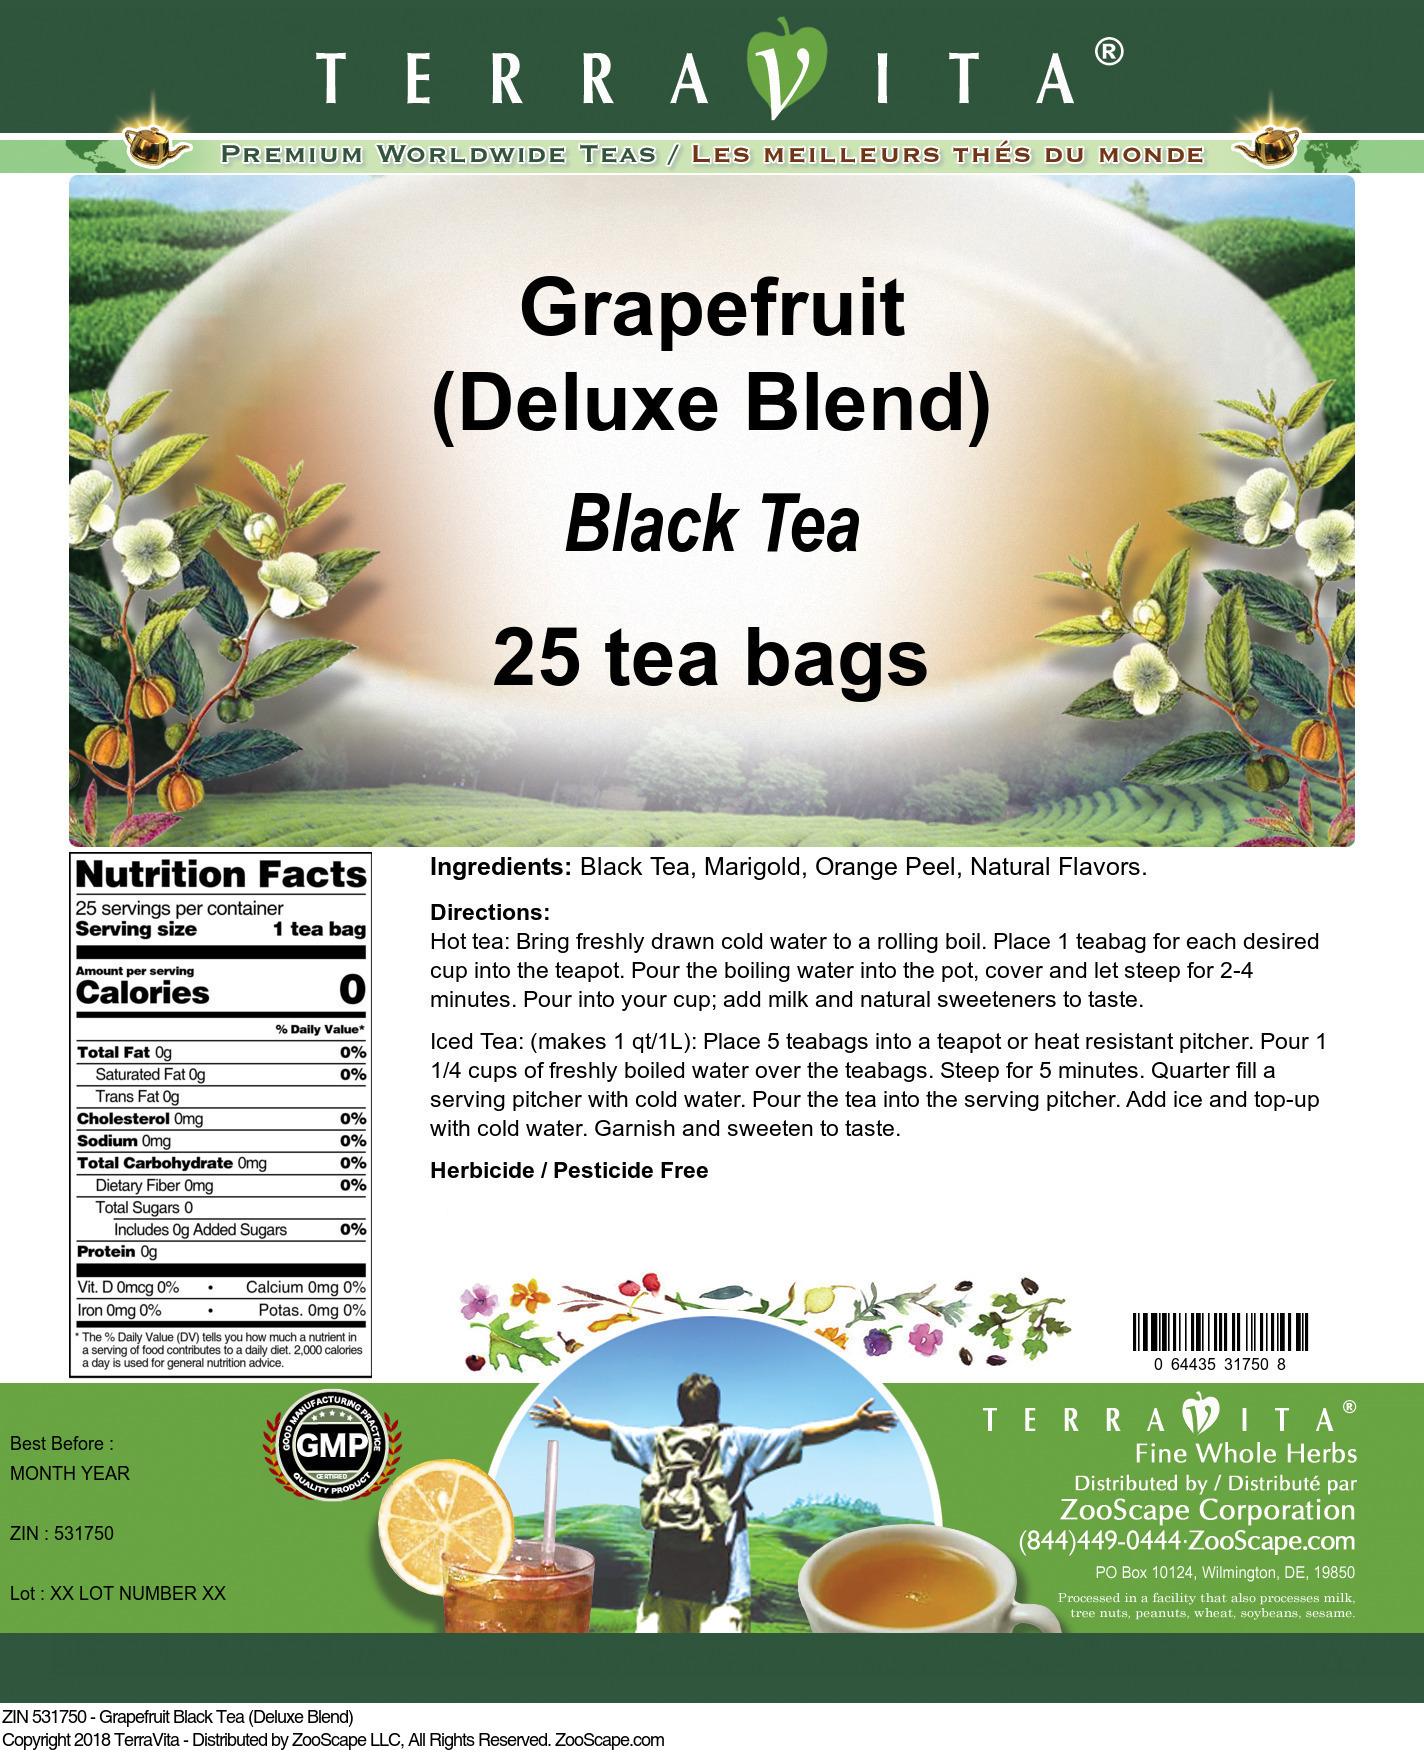 Grapefruit Black Tea (Deluxe Blend)